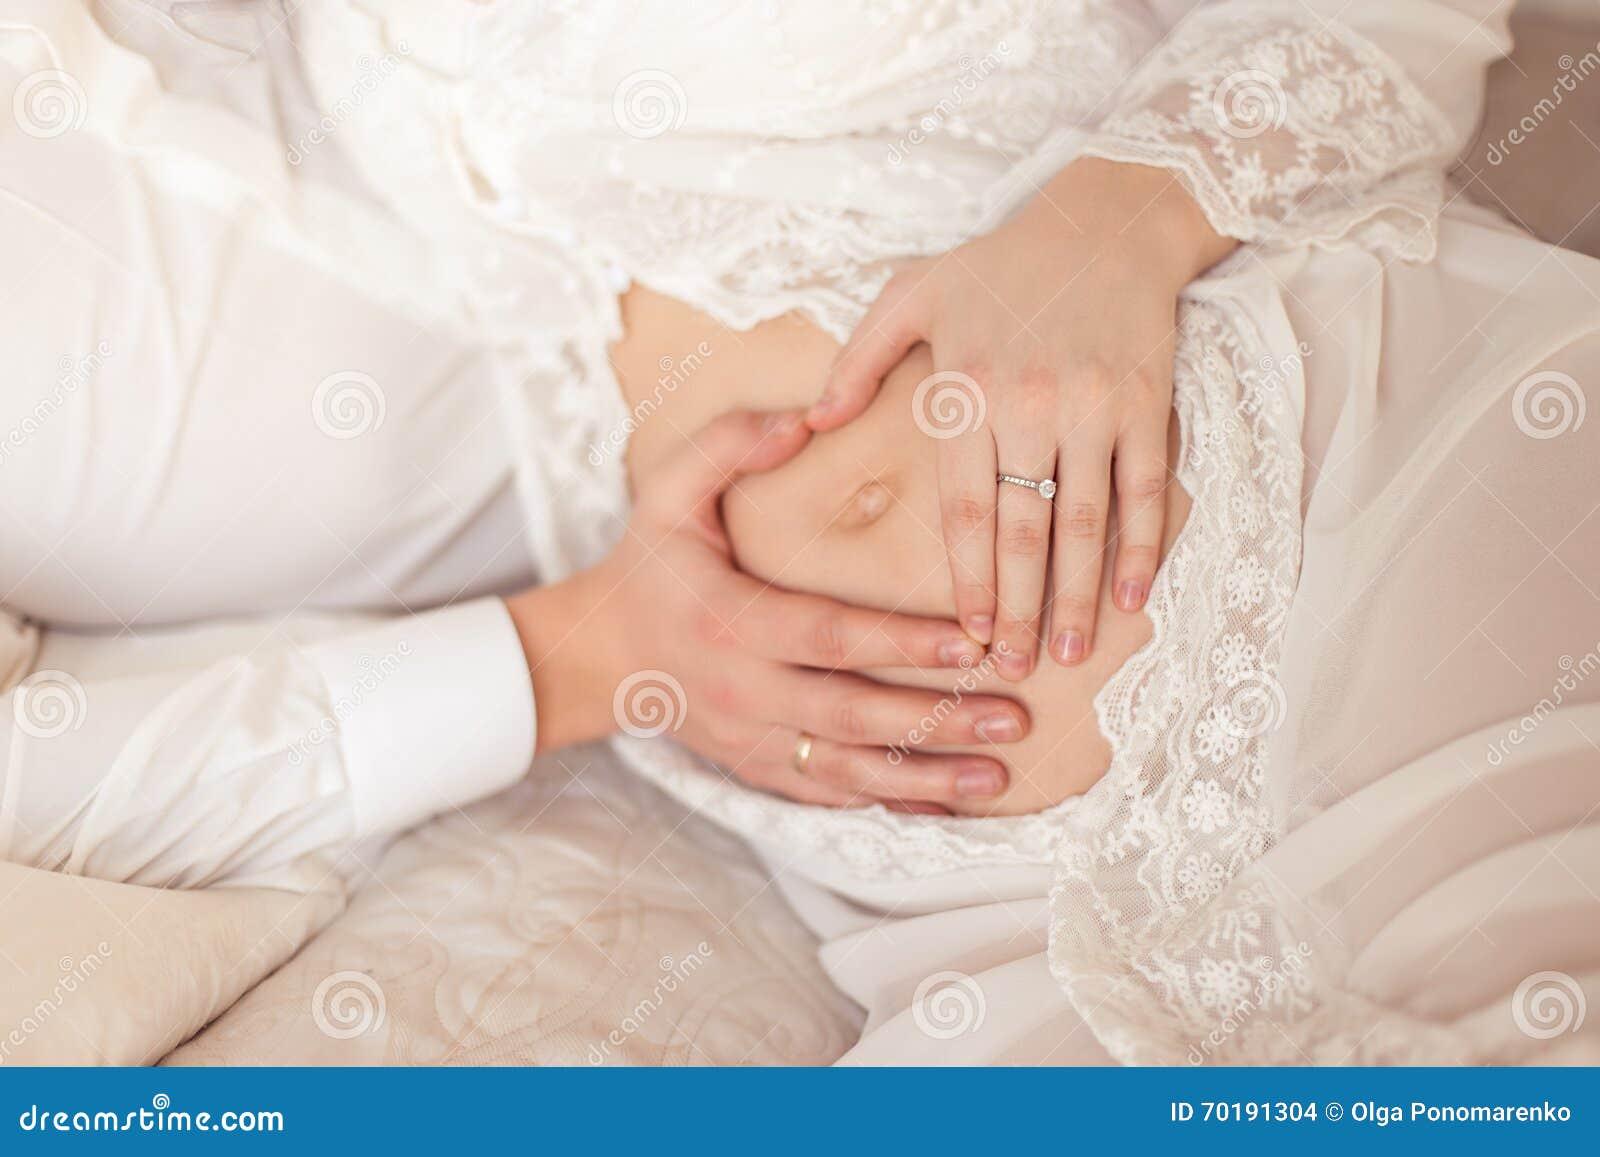 Pregnancy Stock Photo - Image: 70191304